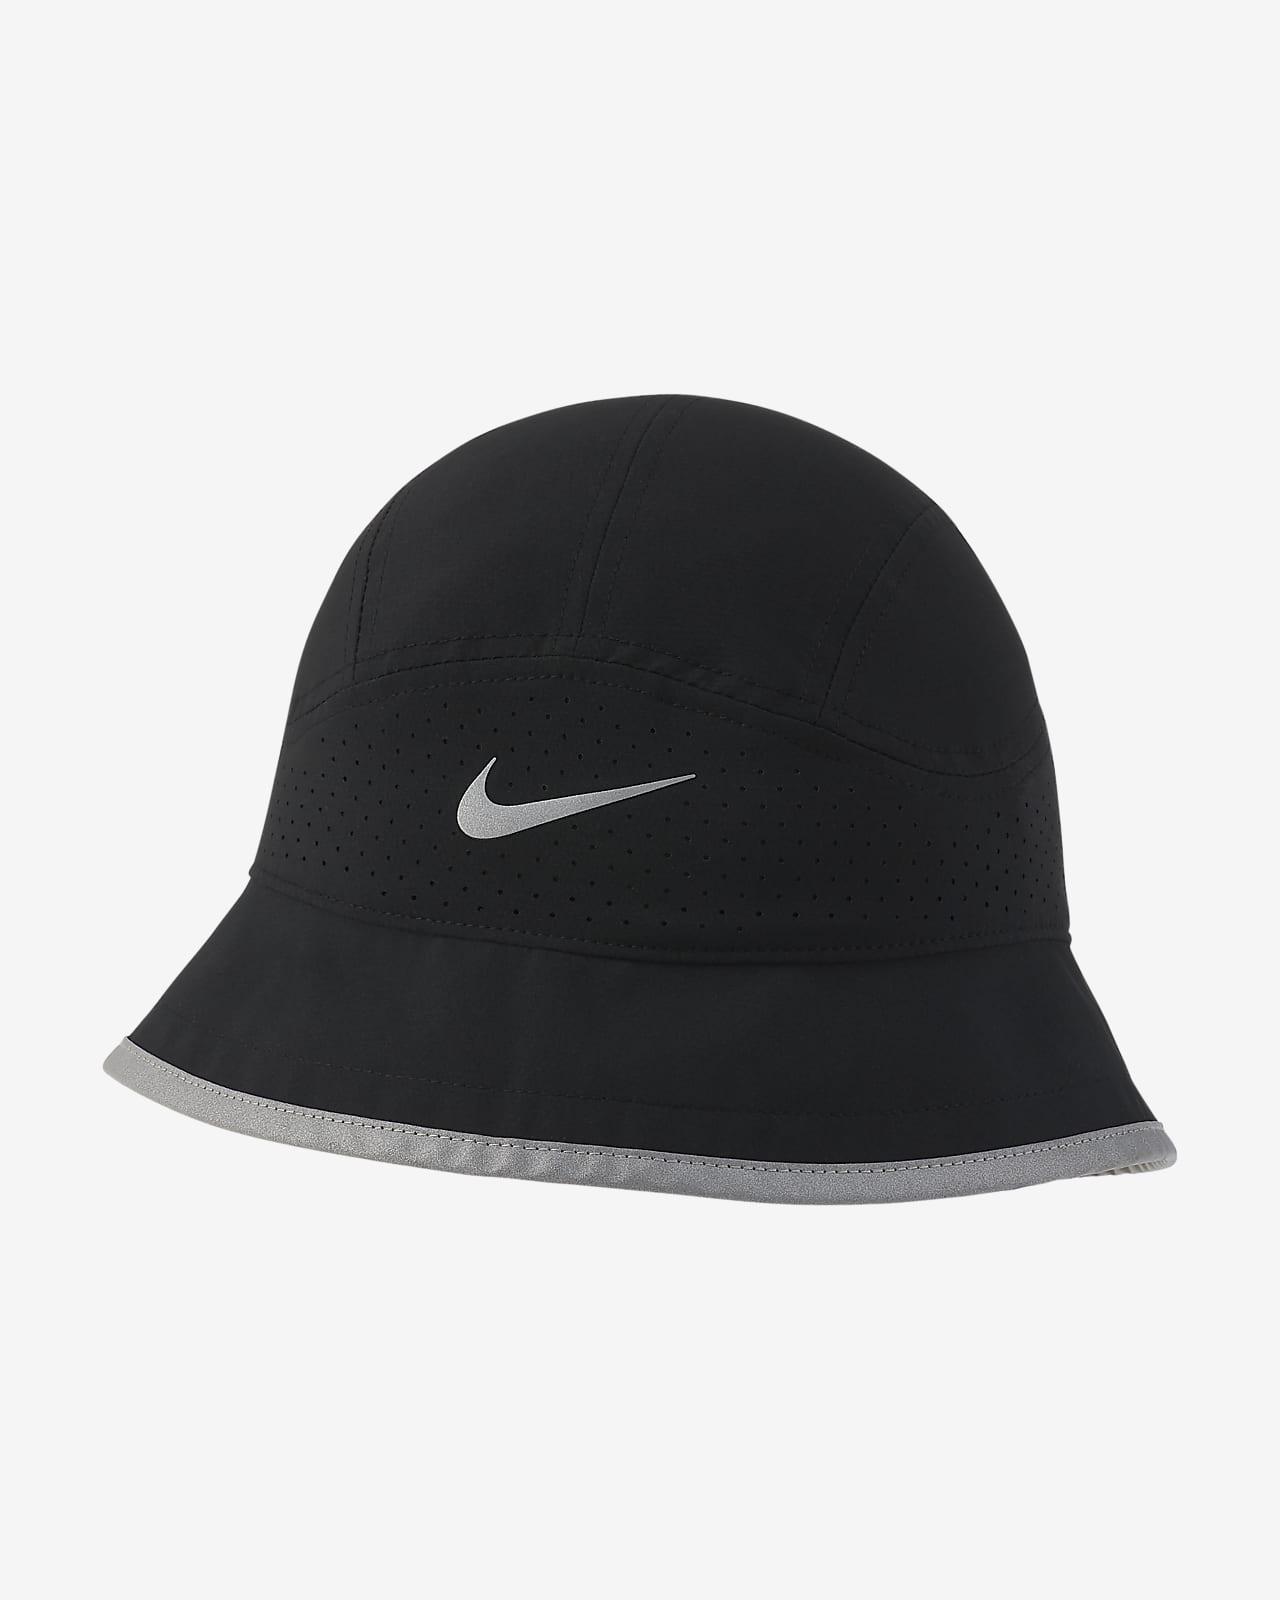 Καπέλο bucket με διατρήσεις για τρέξιμο Nike Dri-FIT